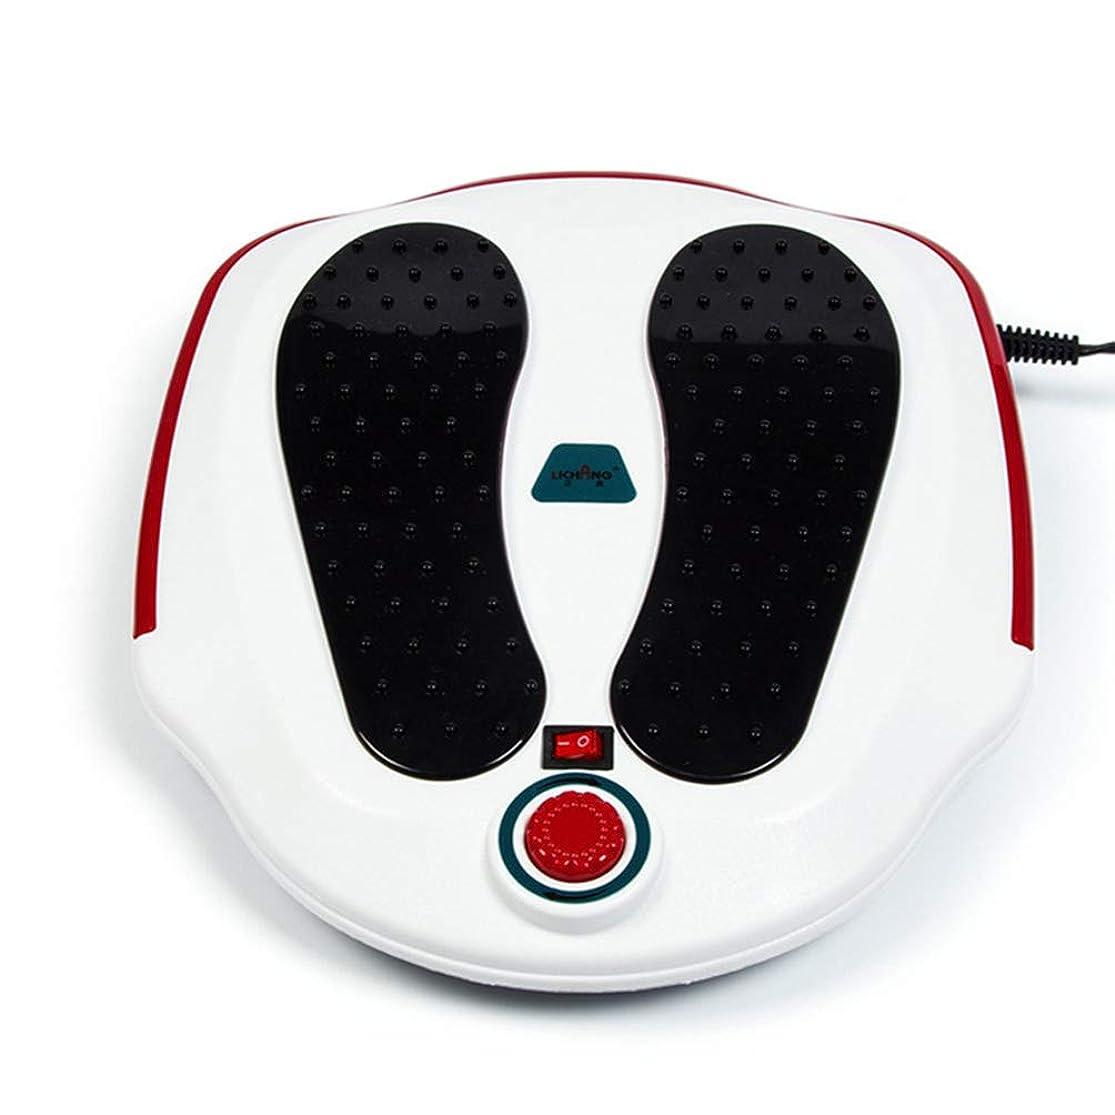 雇用葉を集める引き出し電気の フットマッサージャー、フルフットマッサージエクスペリエンス用ABS素材、循環系の改善、硬い筋肉の柔らかさ、痛みの緩和治療。 人間工学的デザイン